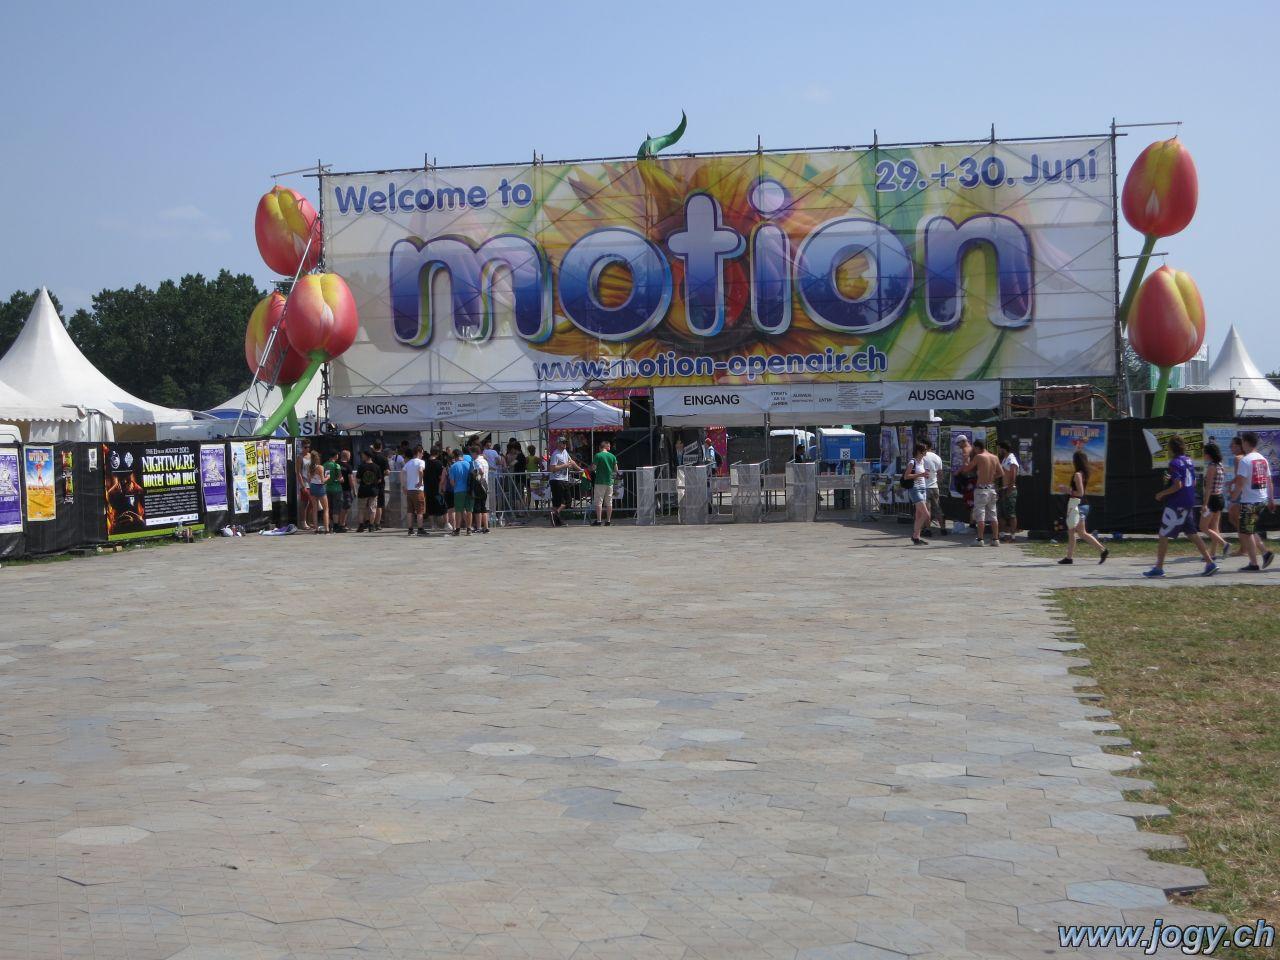 Eingang Motion Openair